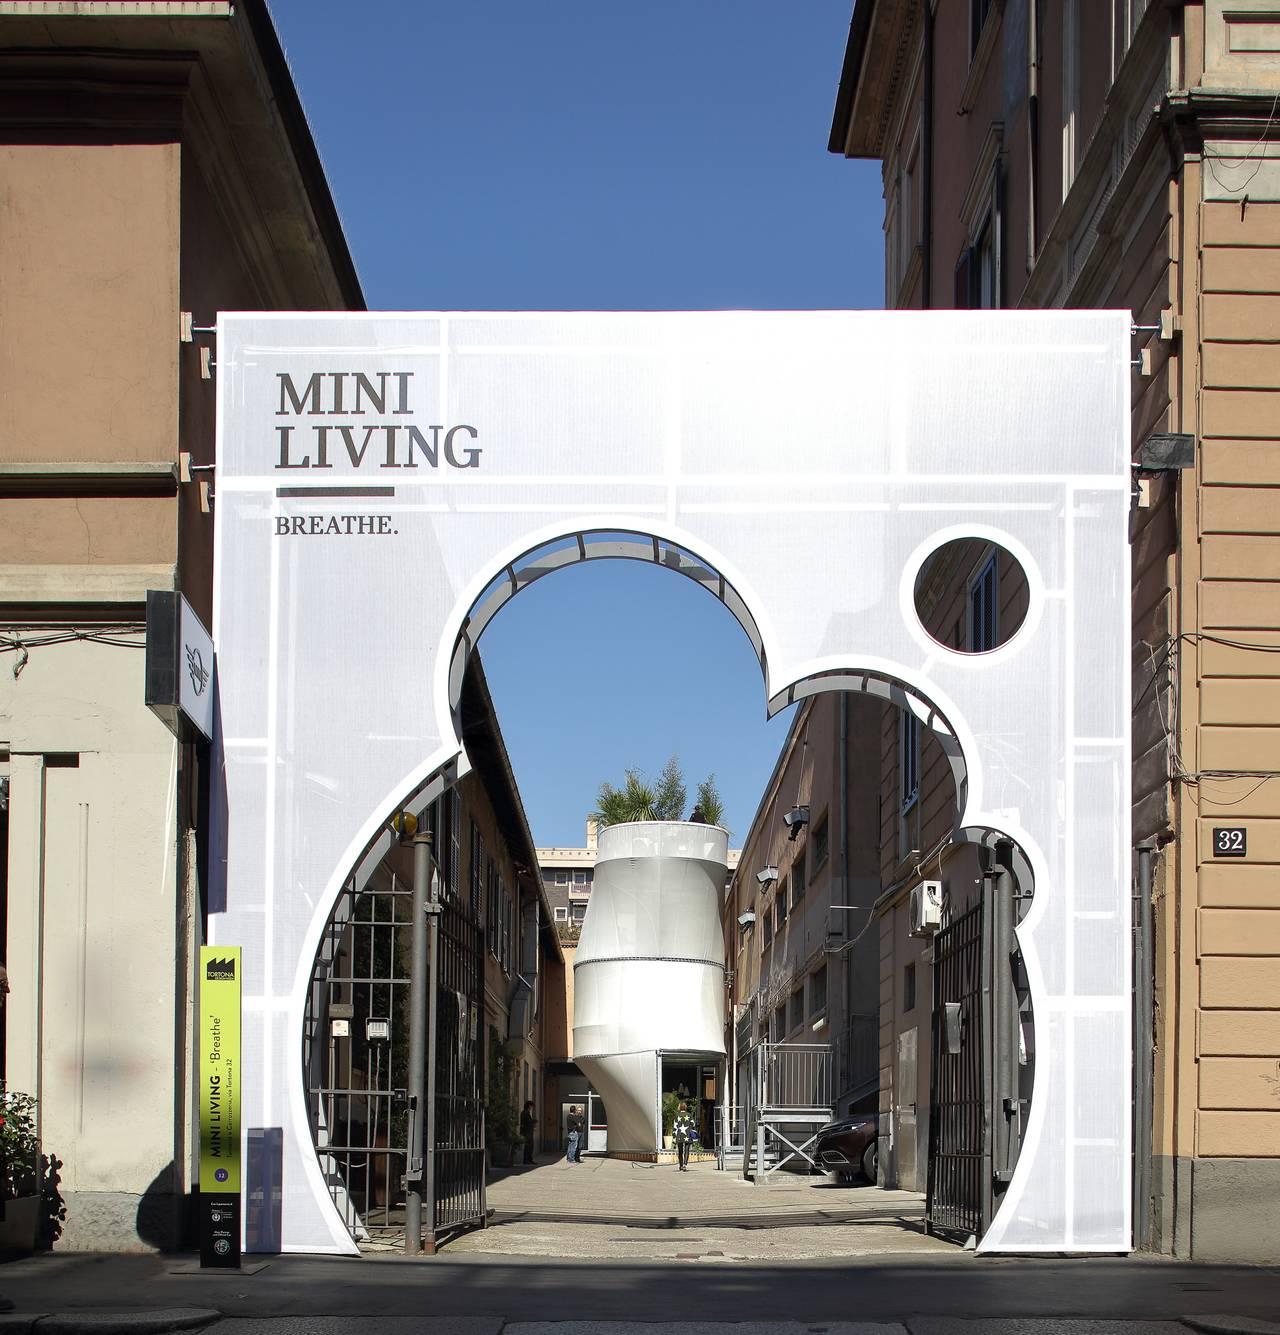 Instalación MINI LIVING – Breathe en el Salone del Mobile 2017 : Photo © BMW Group